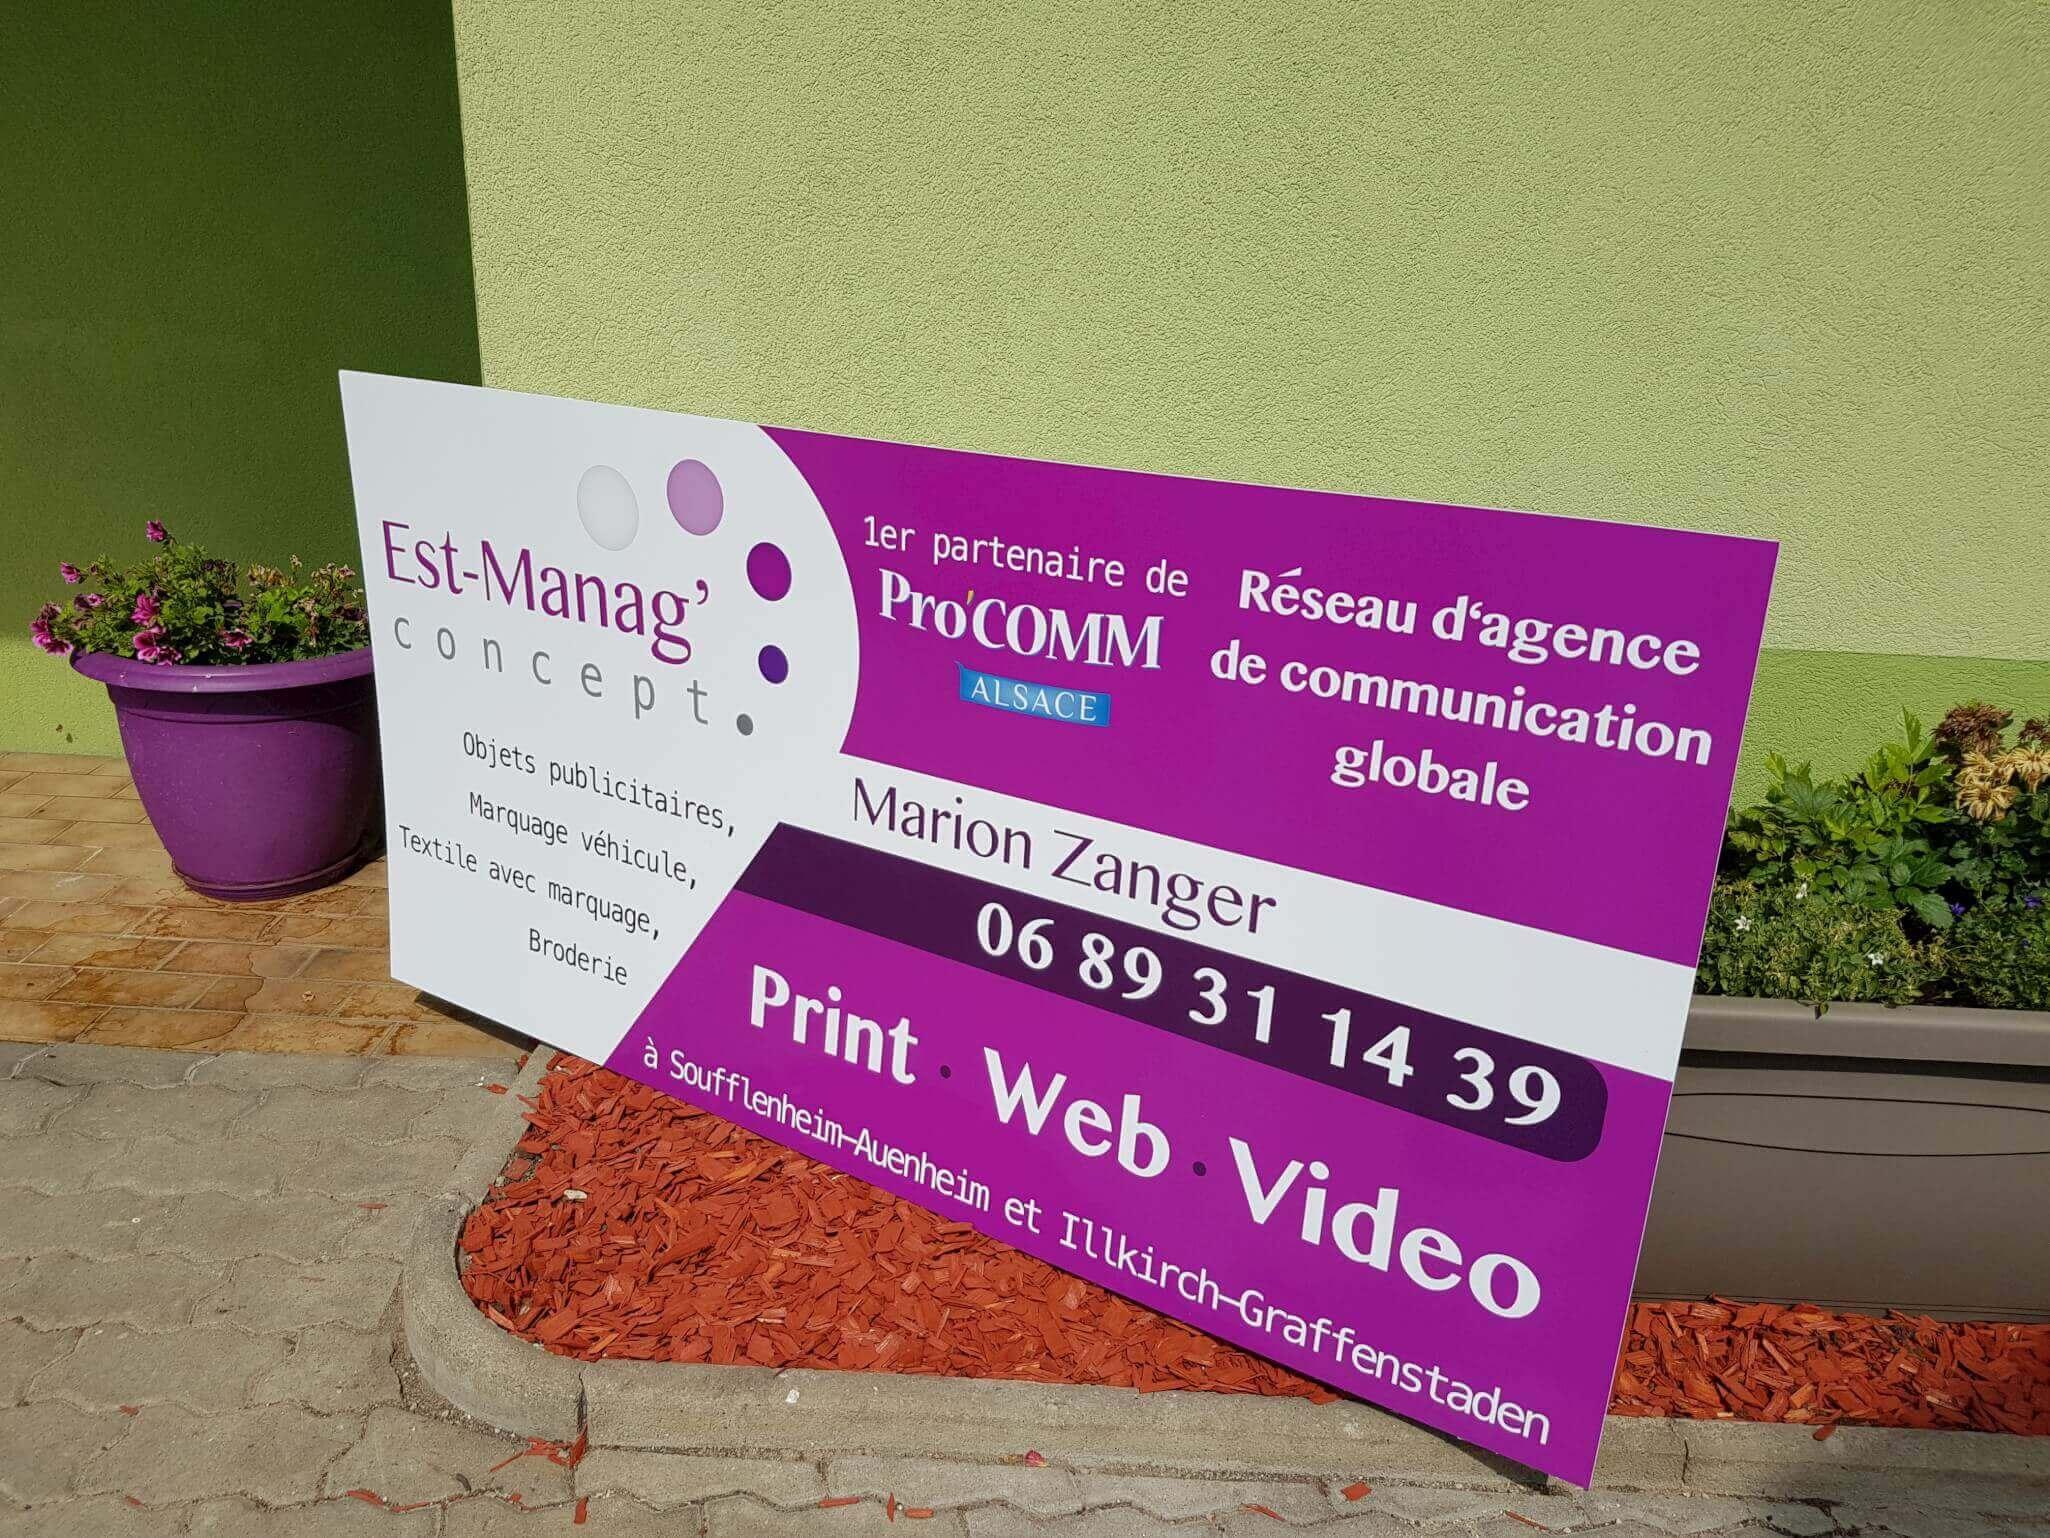 Cours d'alsacien et cours d'allemand à Haguenau et Strasbourg - EST Manag Concept